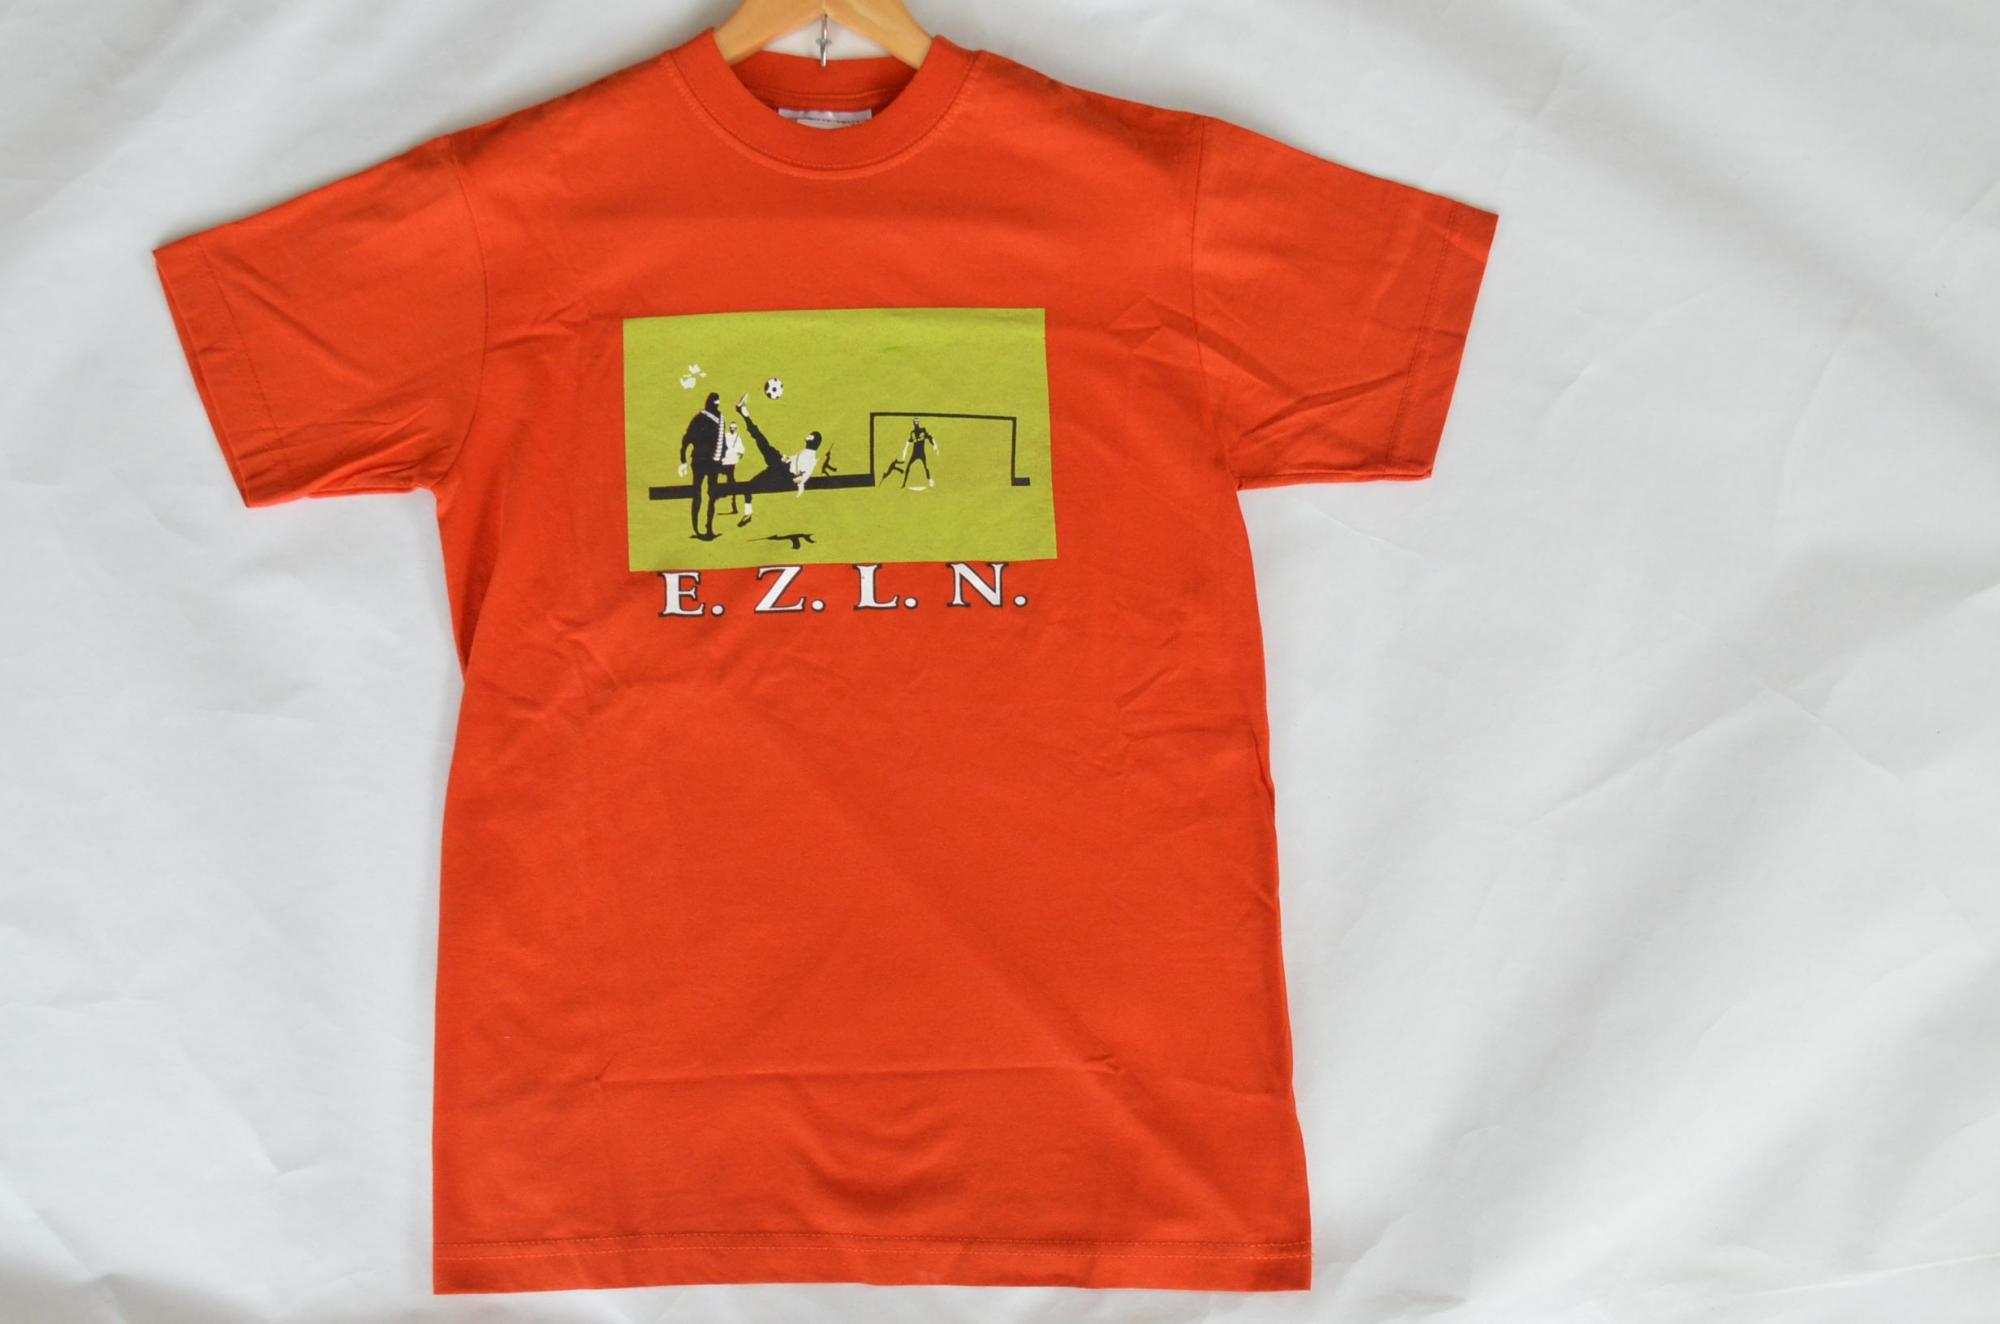 サパティスタTシャツ『覆面でサッカー』